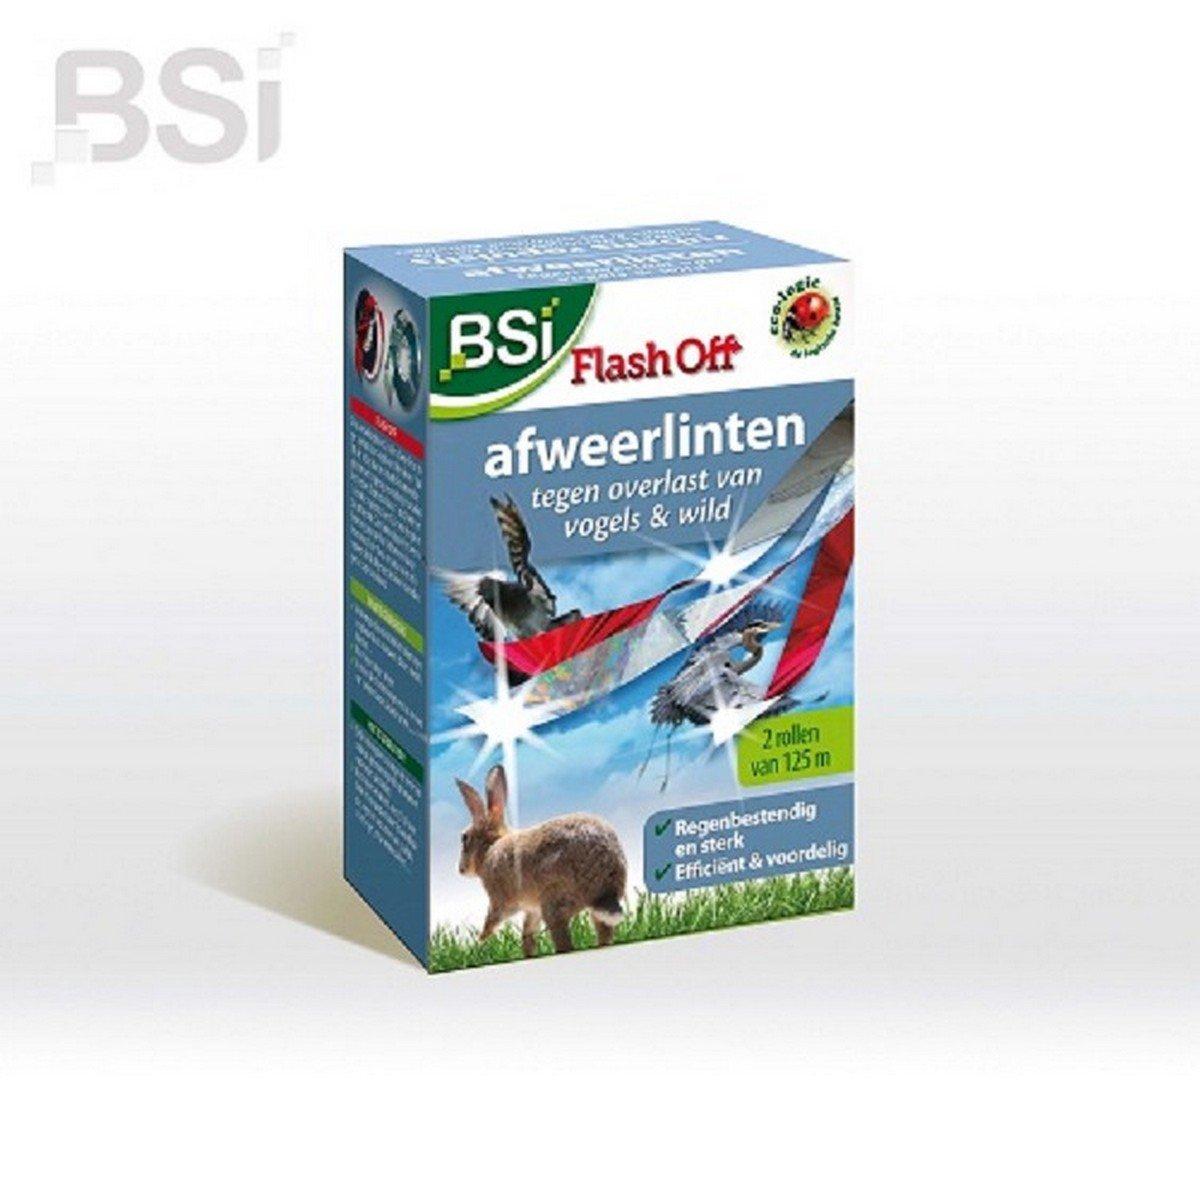 Afbeelding van BSI Afweerlinten Vogelafweer 2x 125 meter